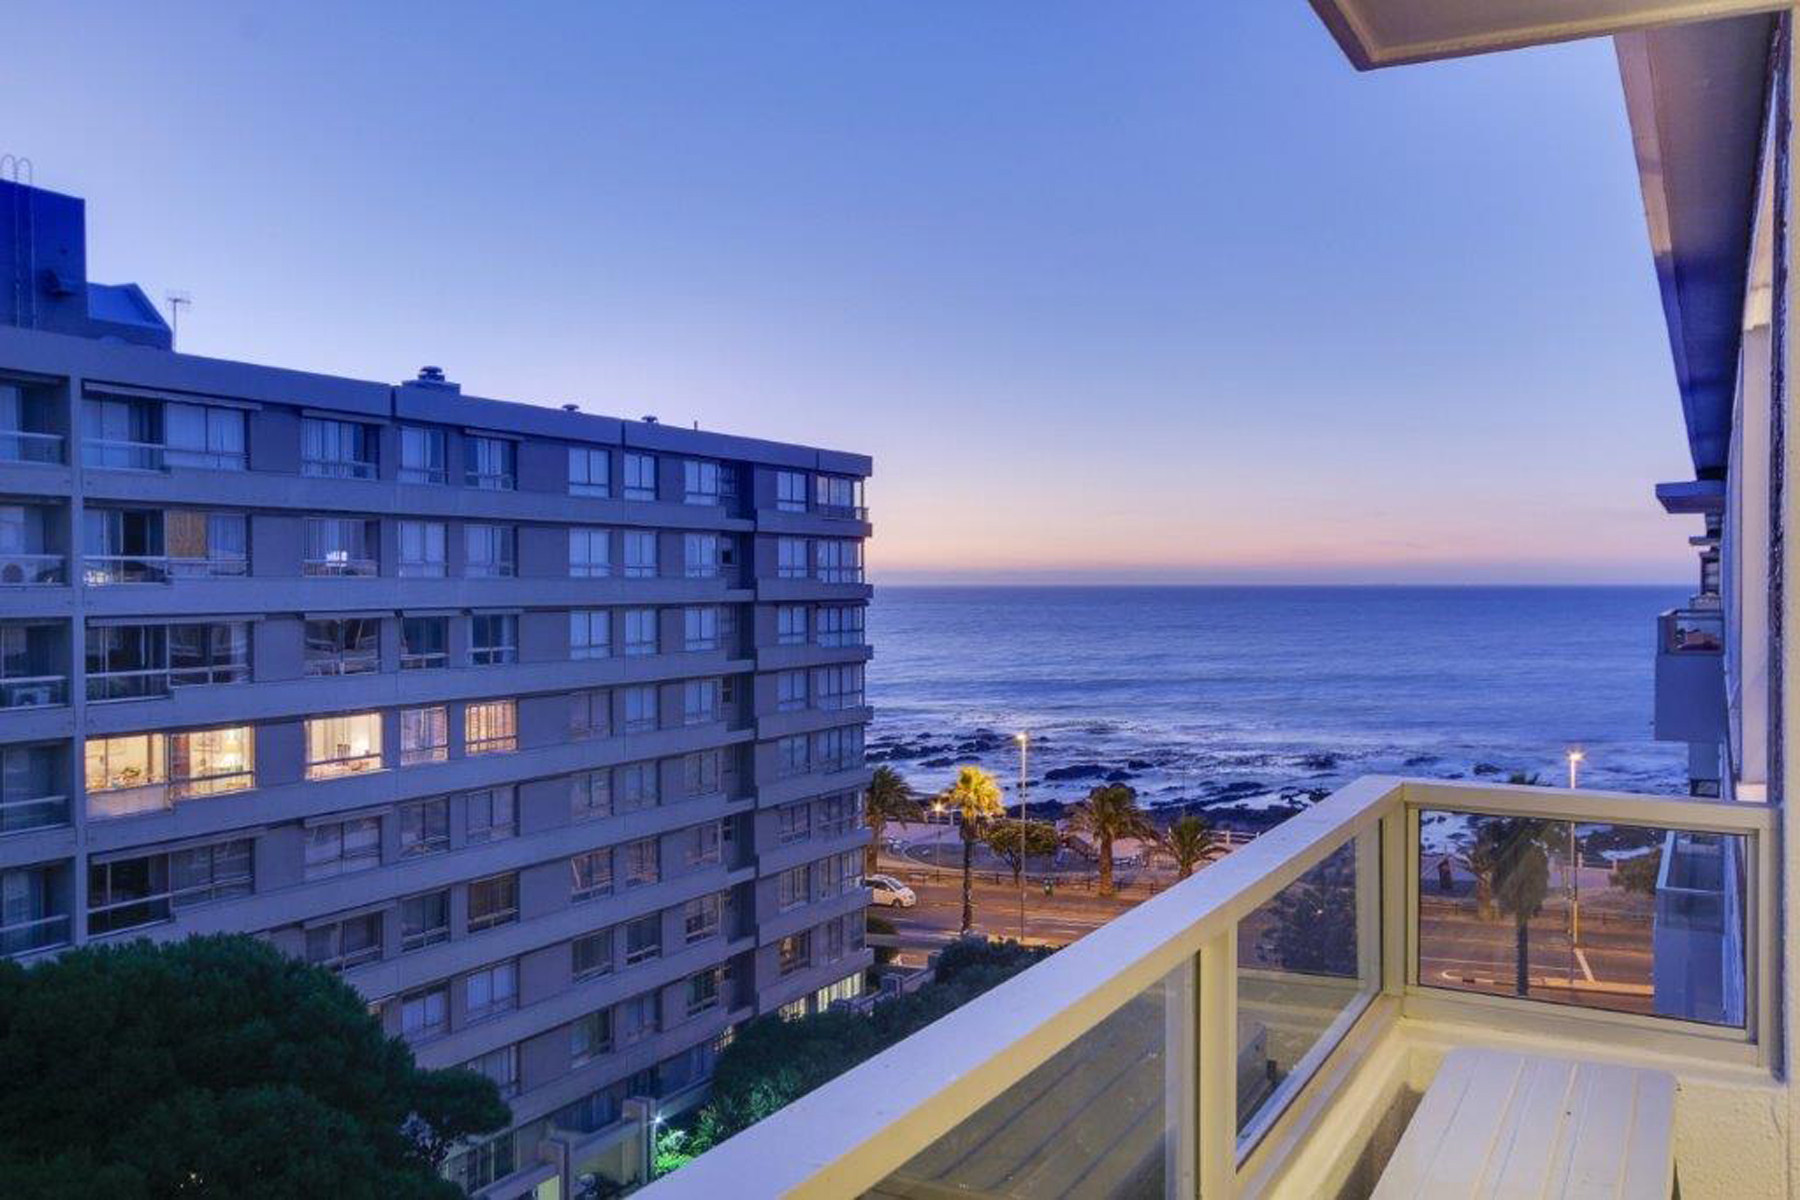 Квартира для того Продажа на Sea Point Cape Town, Западно-Капская Провинция, 8005 Южная Африка